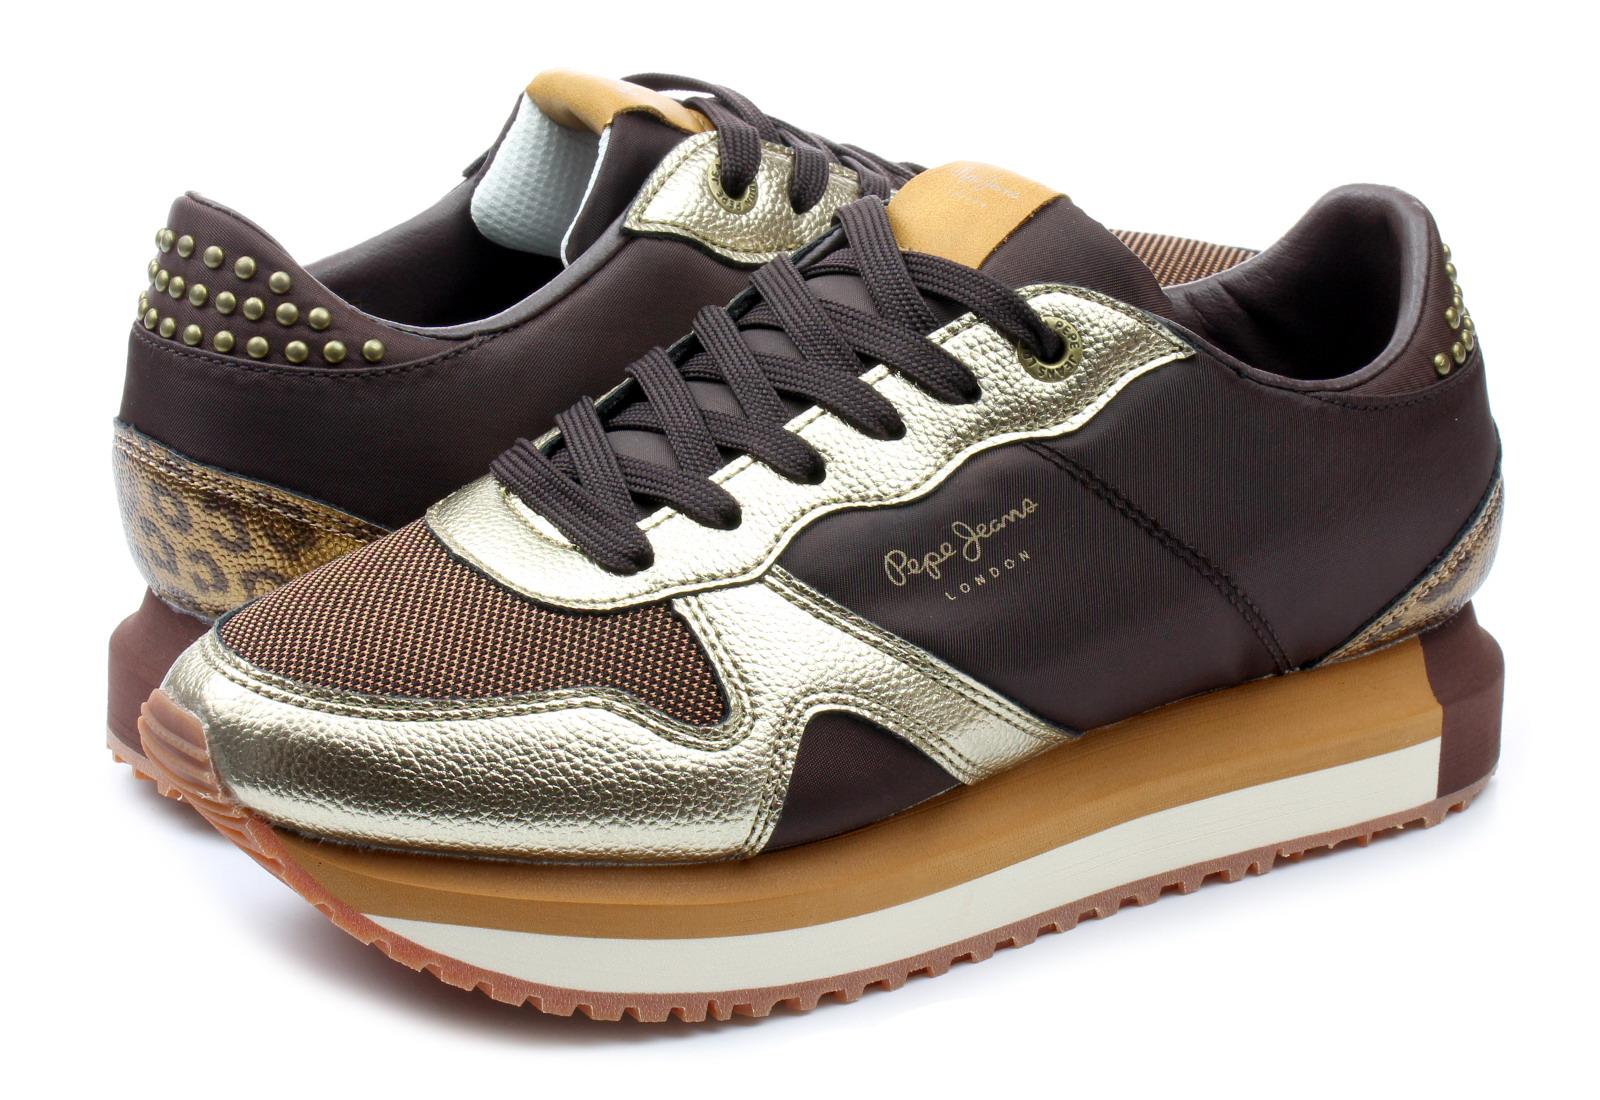 Pepe Jeans Cipő - Zion - PLS30787898 - Office Shoes Magyarország b40ef5272a